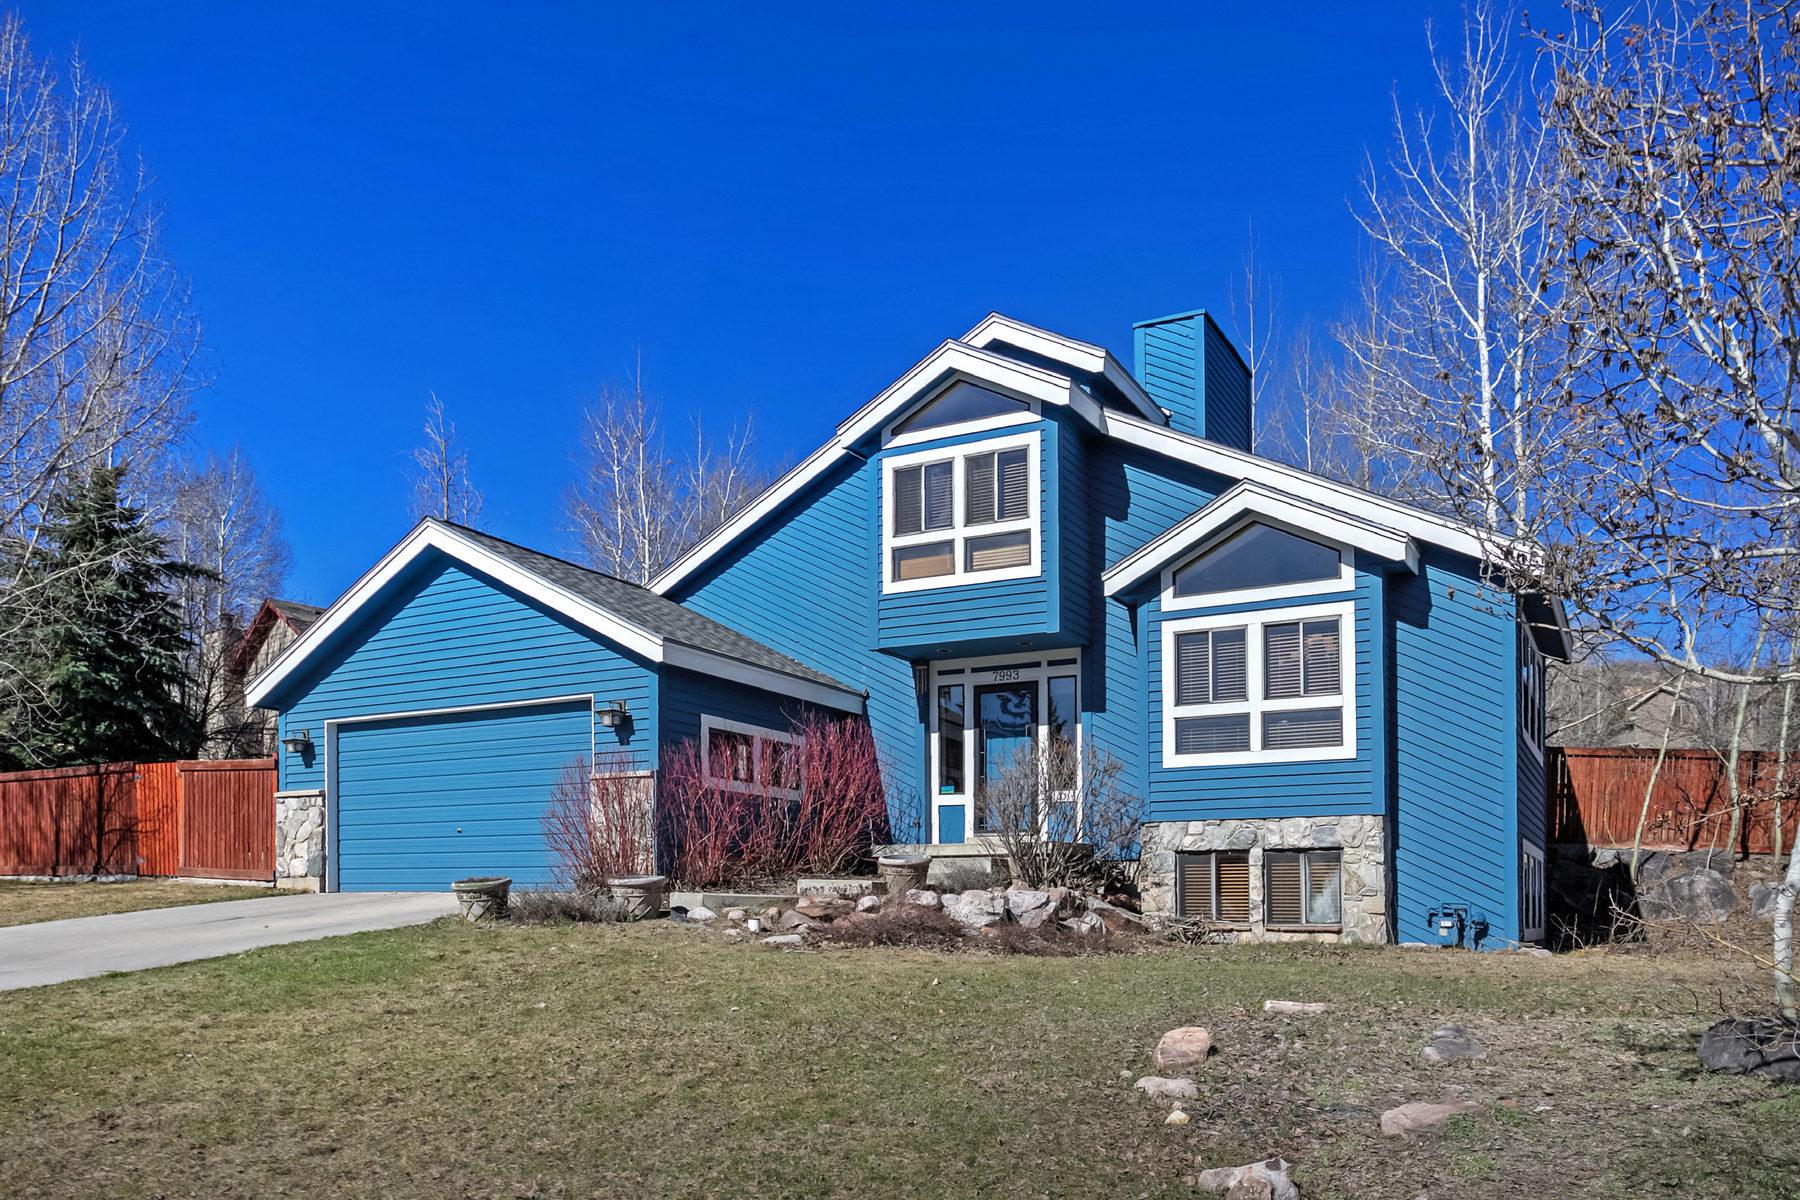 一戸建て のために 売買 アット Exceptional Home in a Highly Desirable Park City Neighborhood 7993 Summer Hill Dr Park City, ユタ, 84098 アメリカ合衆国